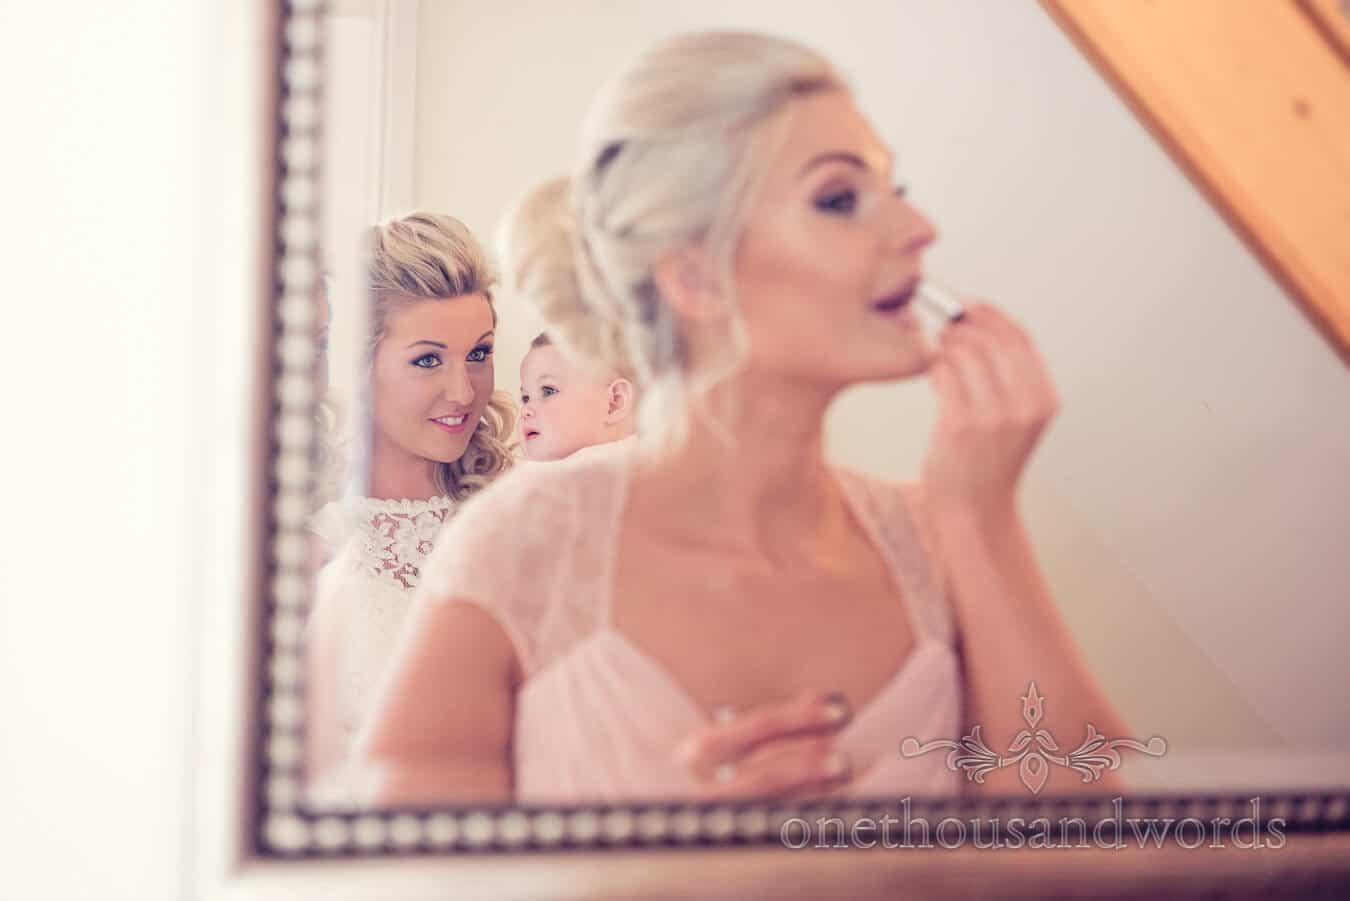 Bride, daughter and bridesmaid in mirror